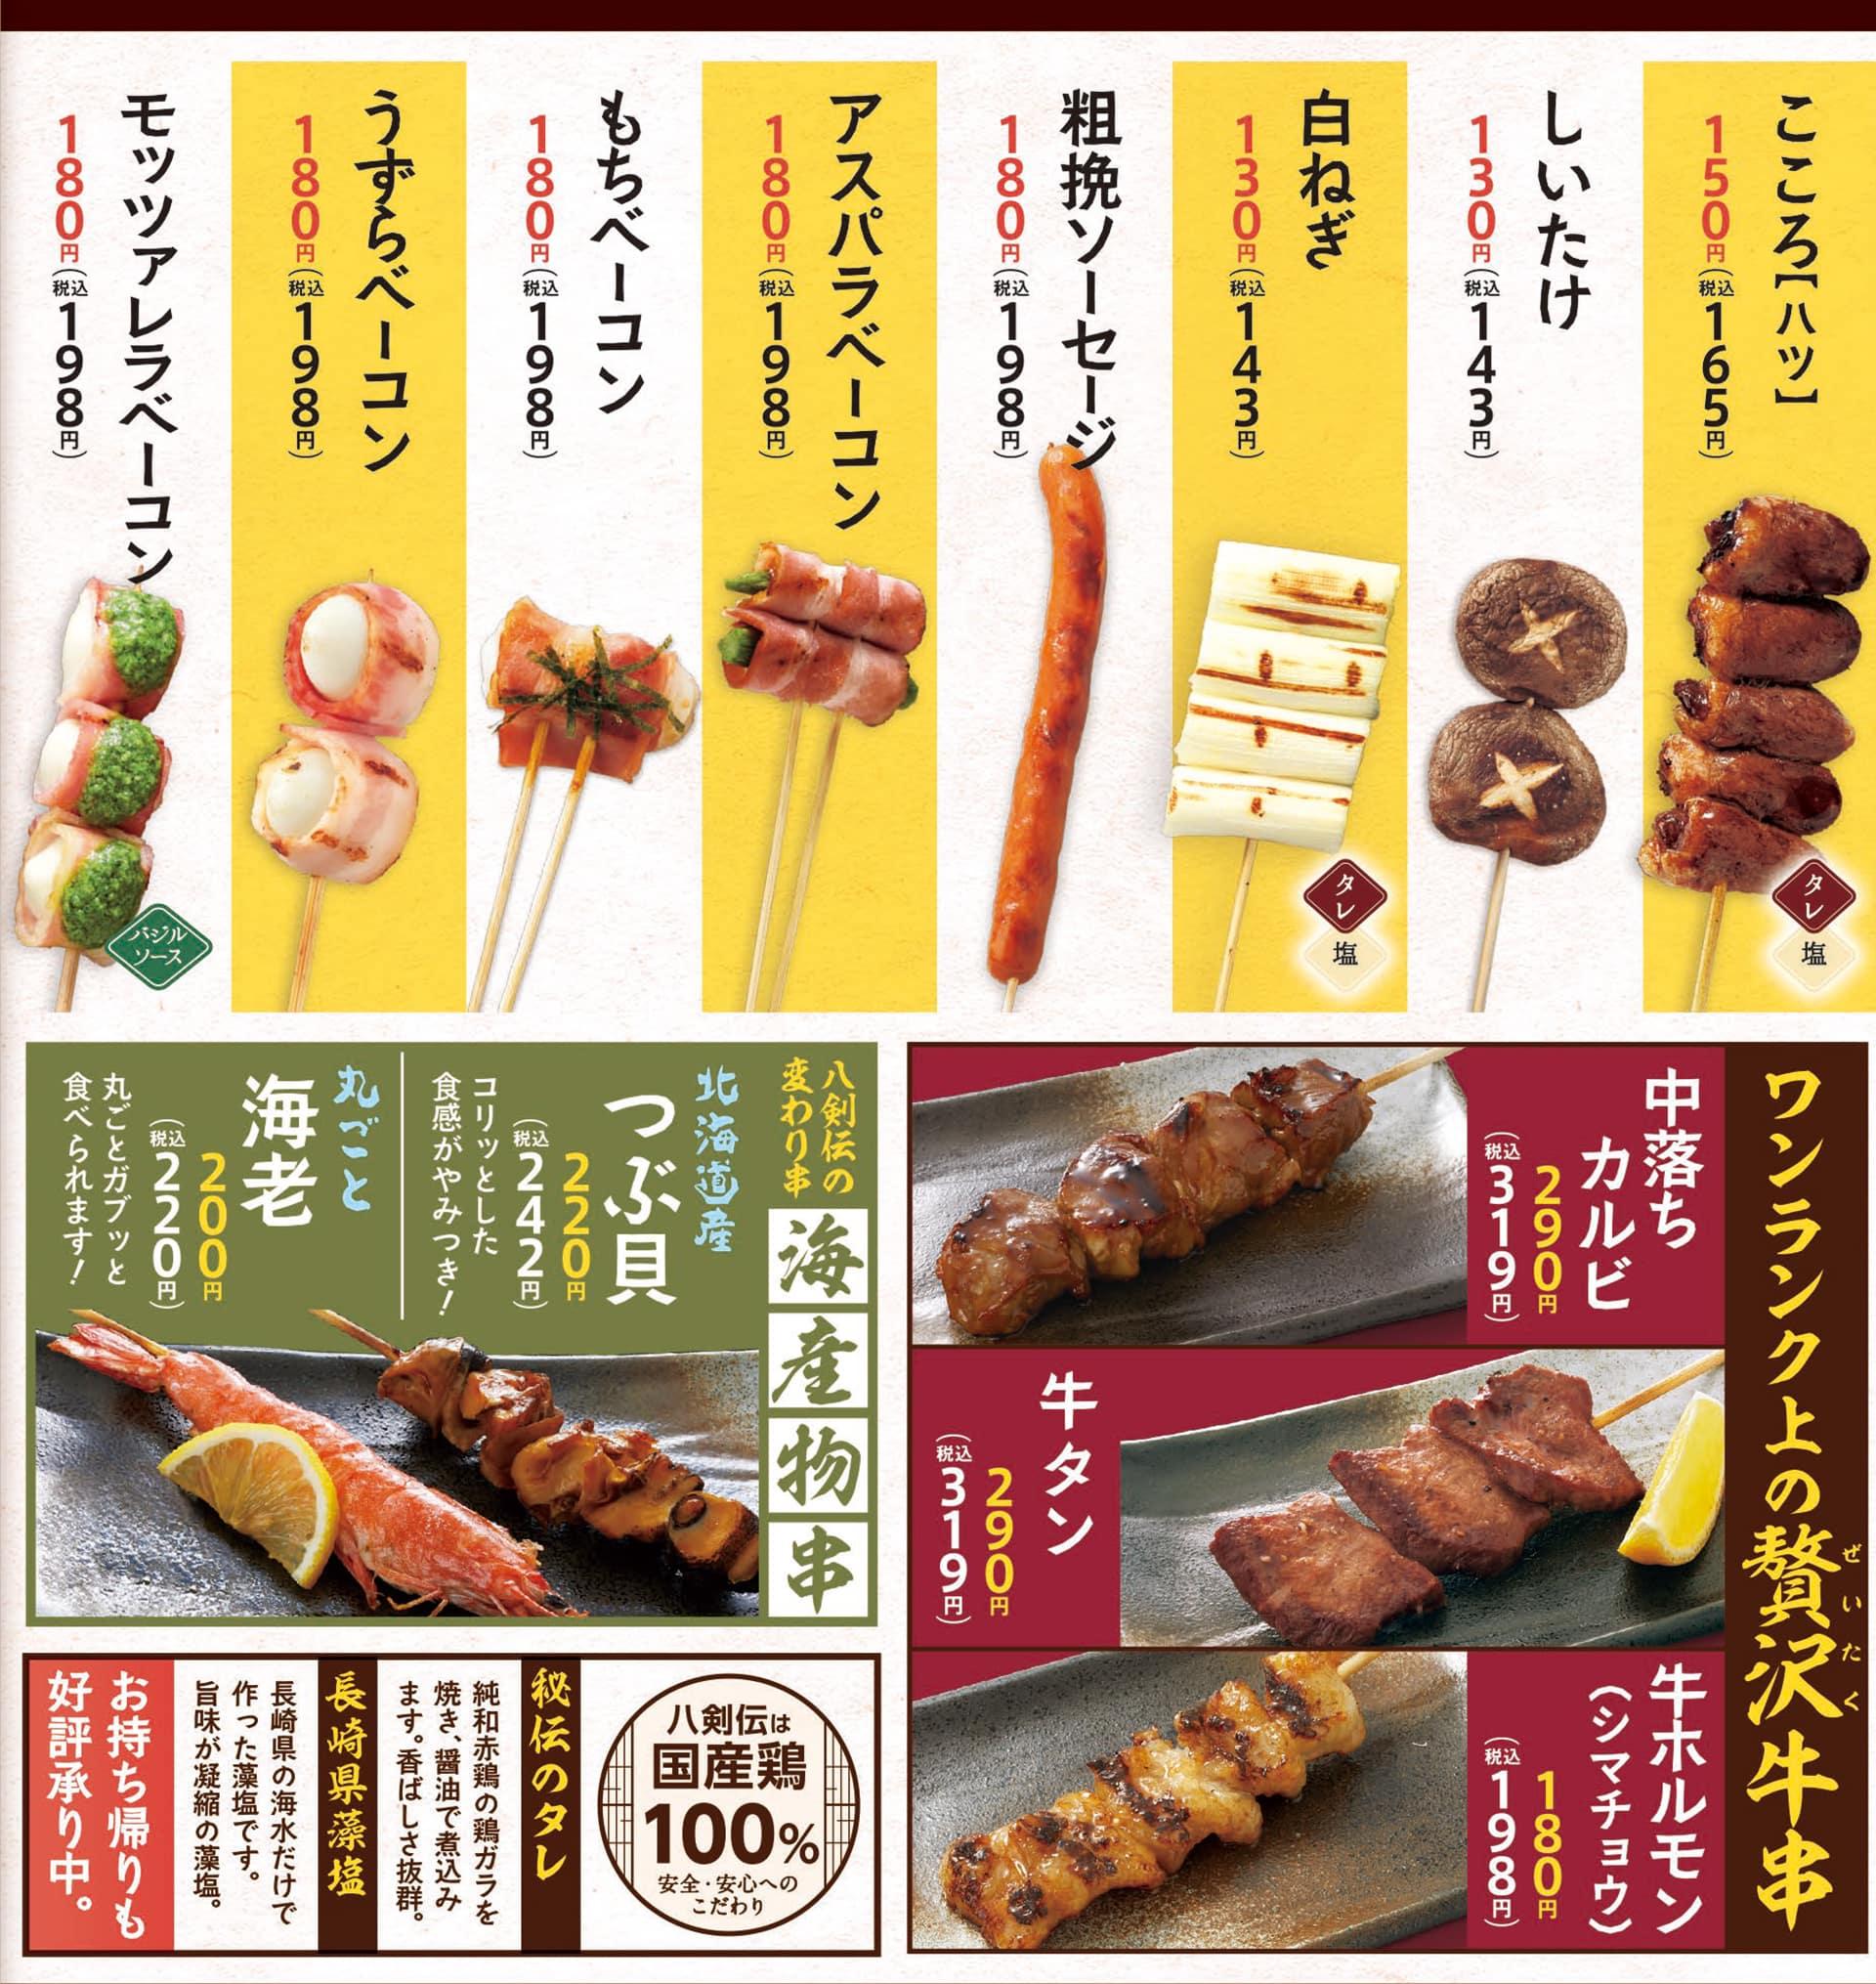 八剣食堂 炭火焼串3